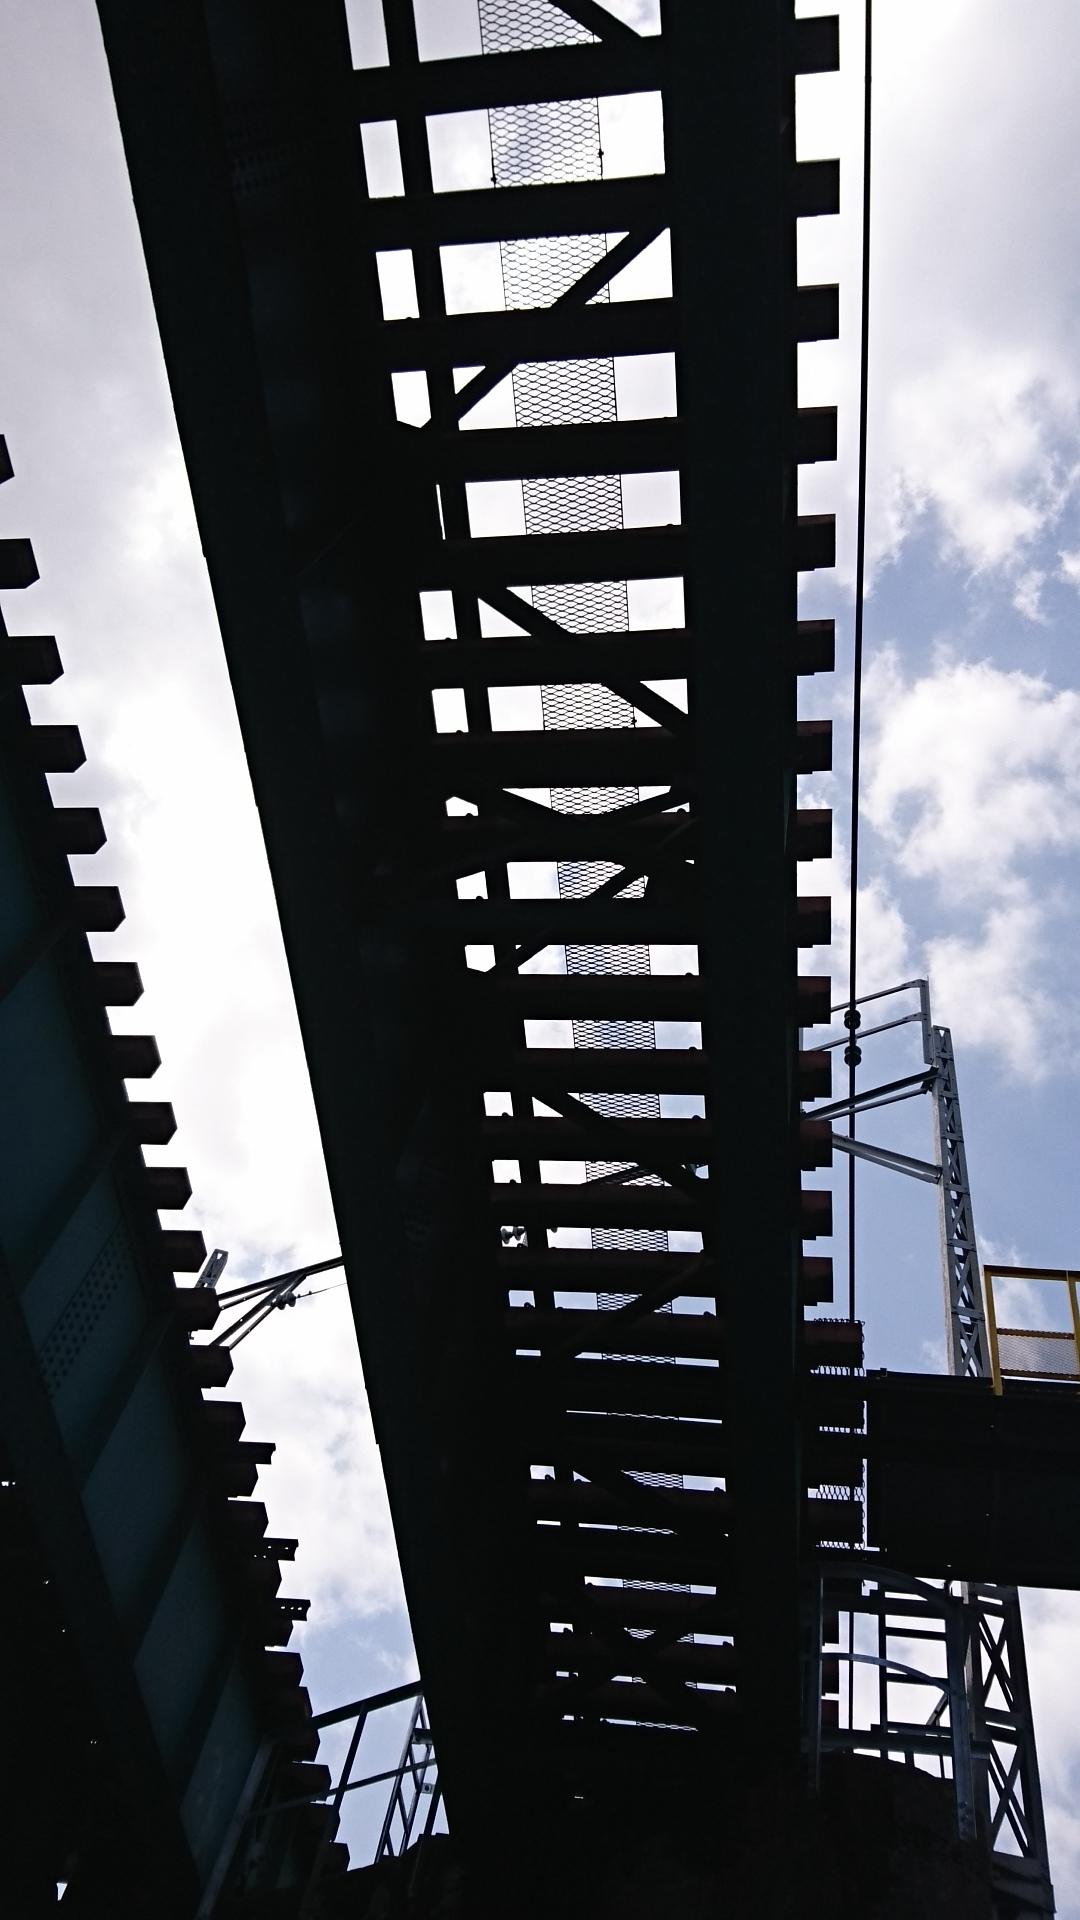 2018.3.31 岡崎ふなあそび (30) のぼり - 名古屋本線鉄橋 1080-1920